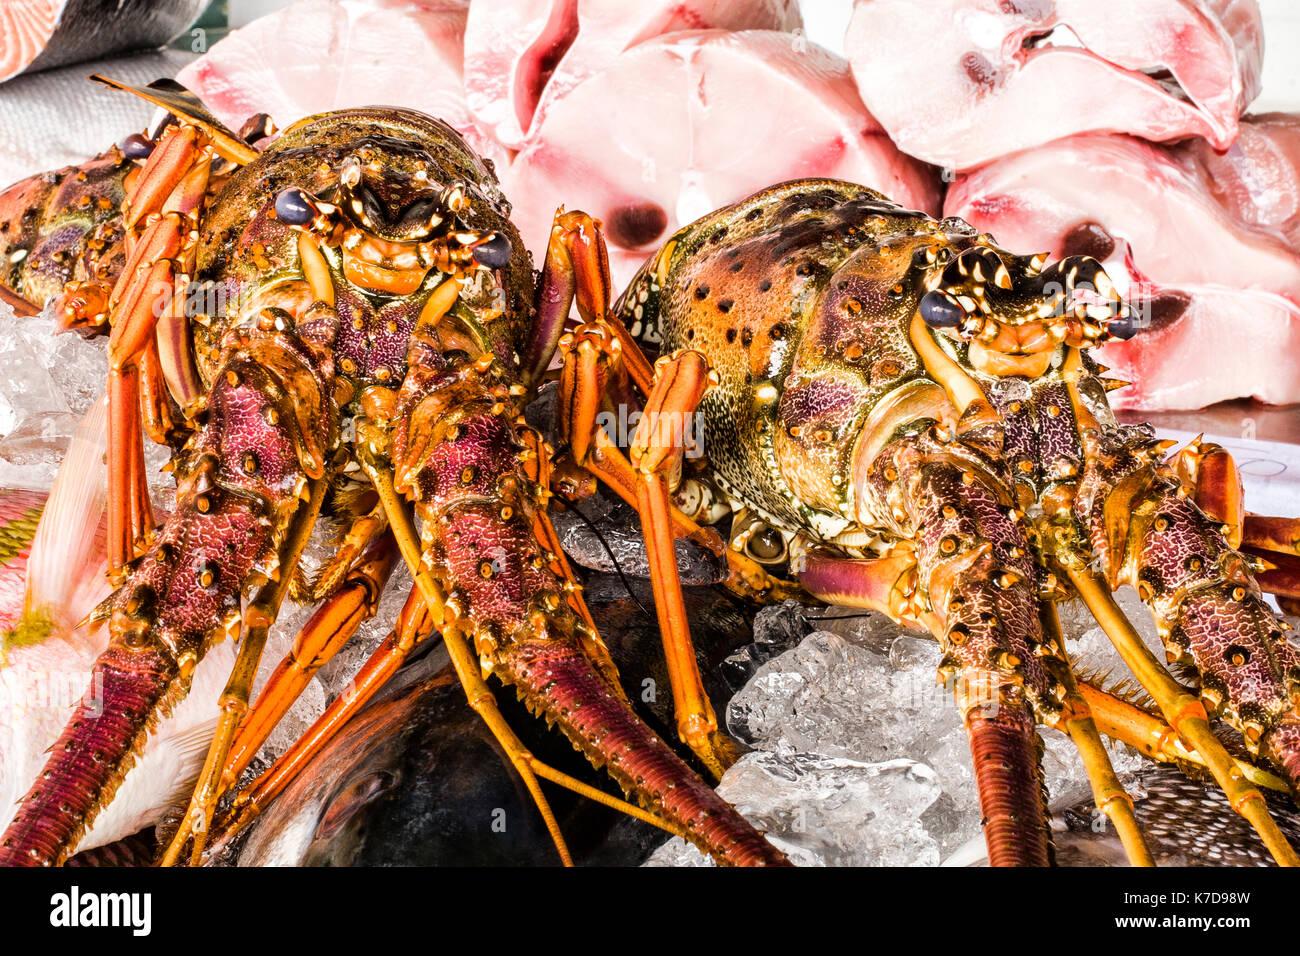 Close up de homards à vendre dans le marché aux poissons de ubatuba, une ville côtière à l'Etat de Sao Paulo. ubatuba, Etat de Sao Paulo, Brésil. Photo Stock